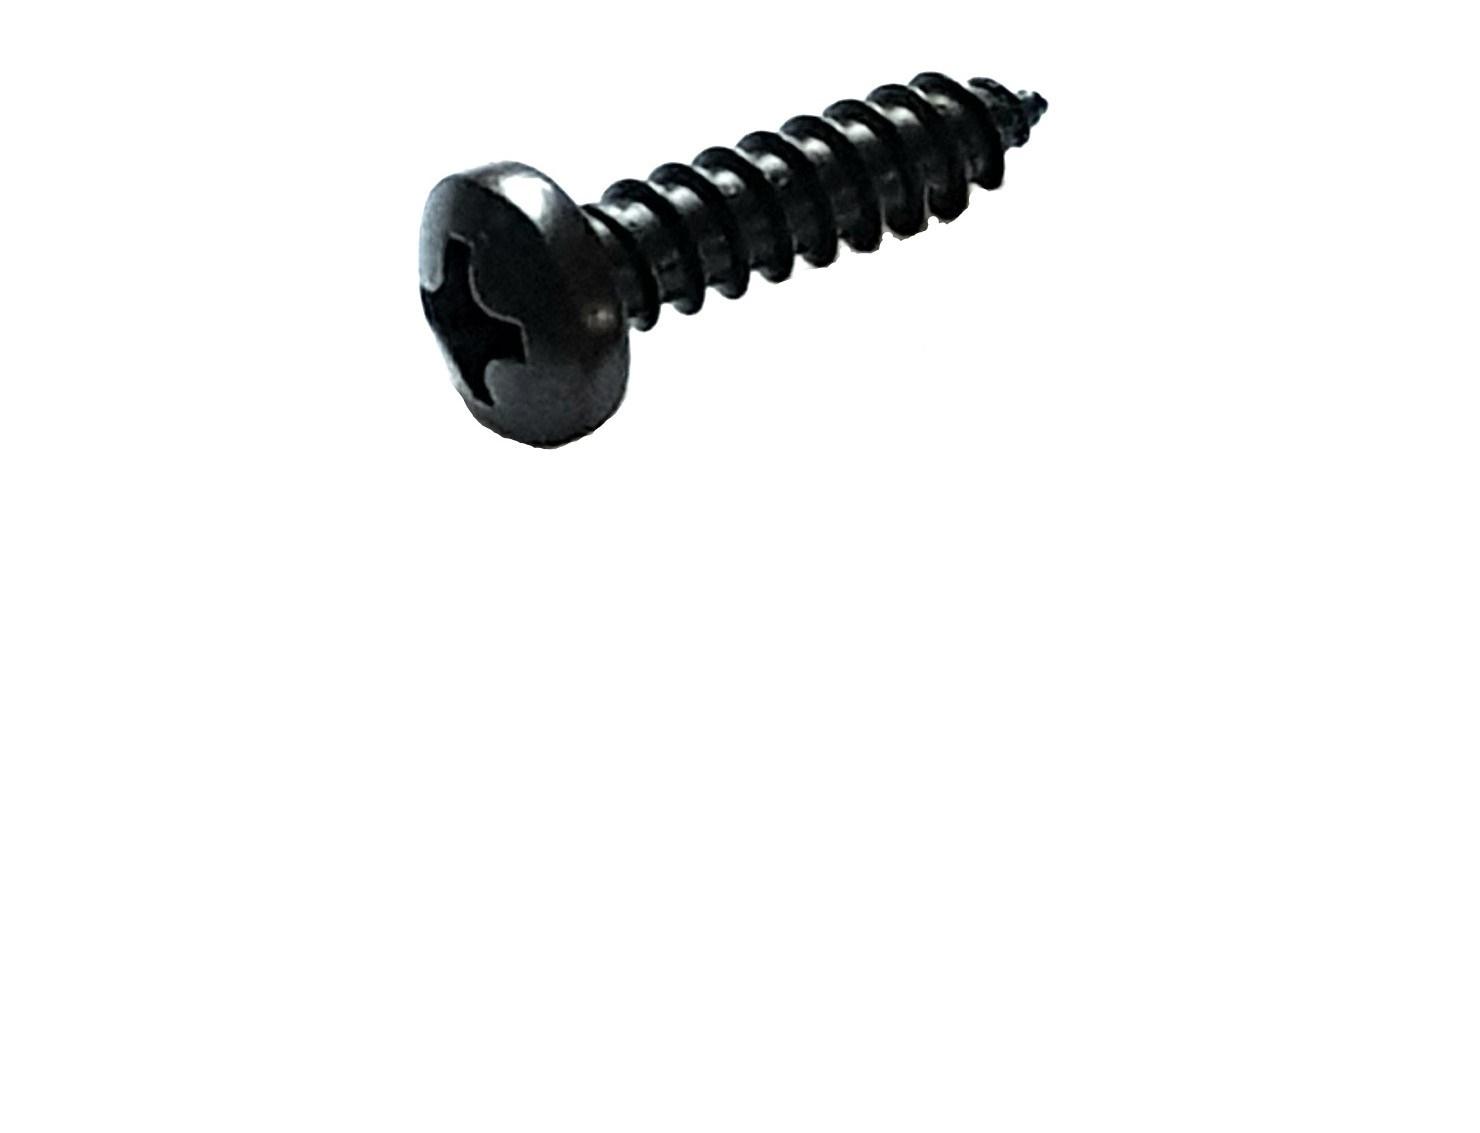 Blechschrauben mit Linsenkopf und Bund 3,5-4,8 schwarz verzinkt ähnl DIN 7981